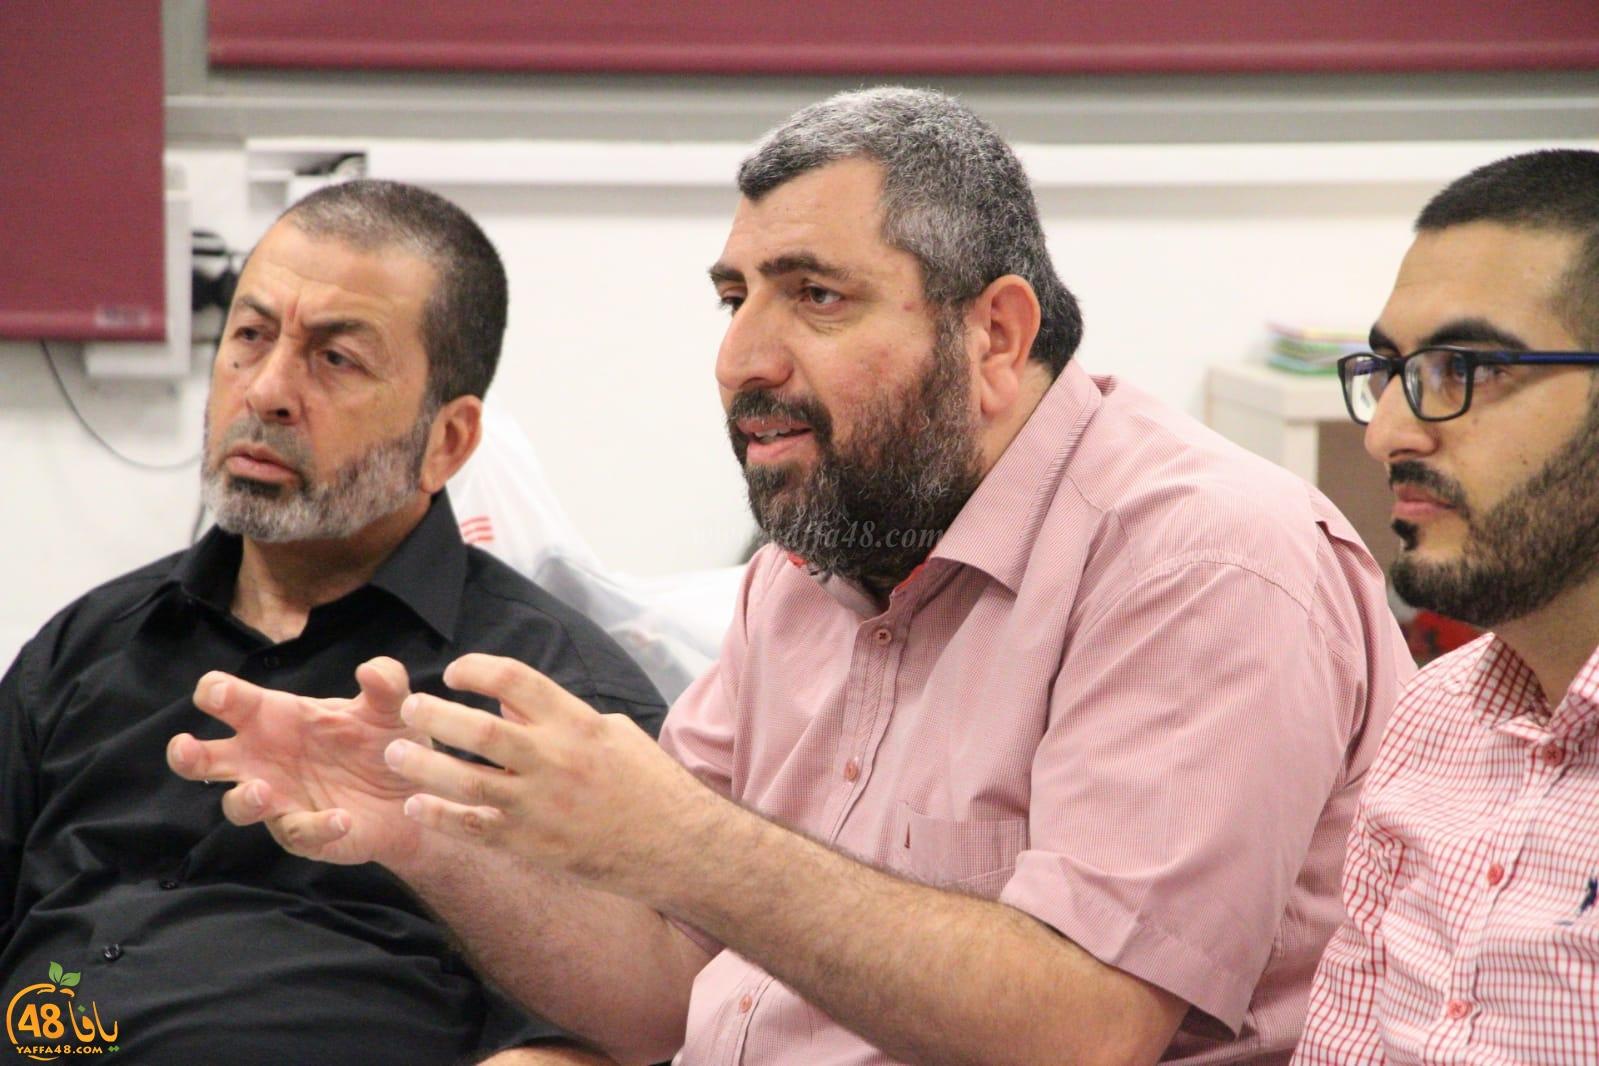 بالصور: يوم مفتوح للتسجيل في أكاديمية العلوم الشرعية كفربرا في مدينة يافا